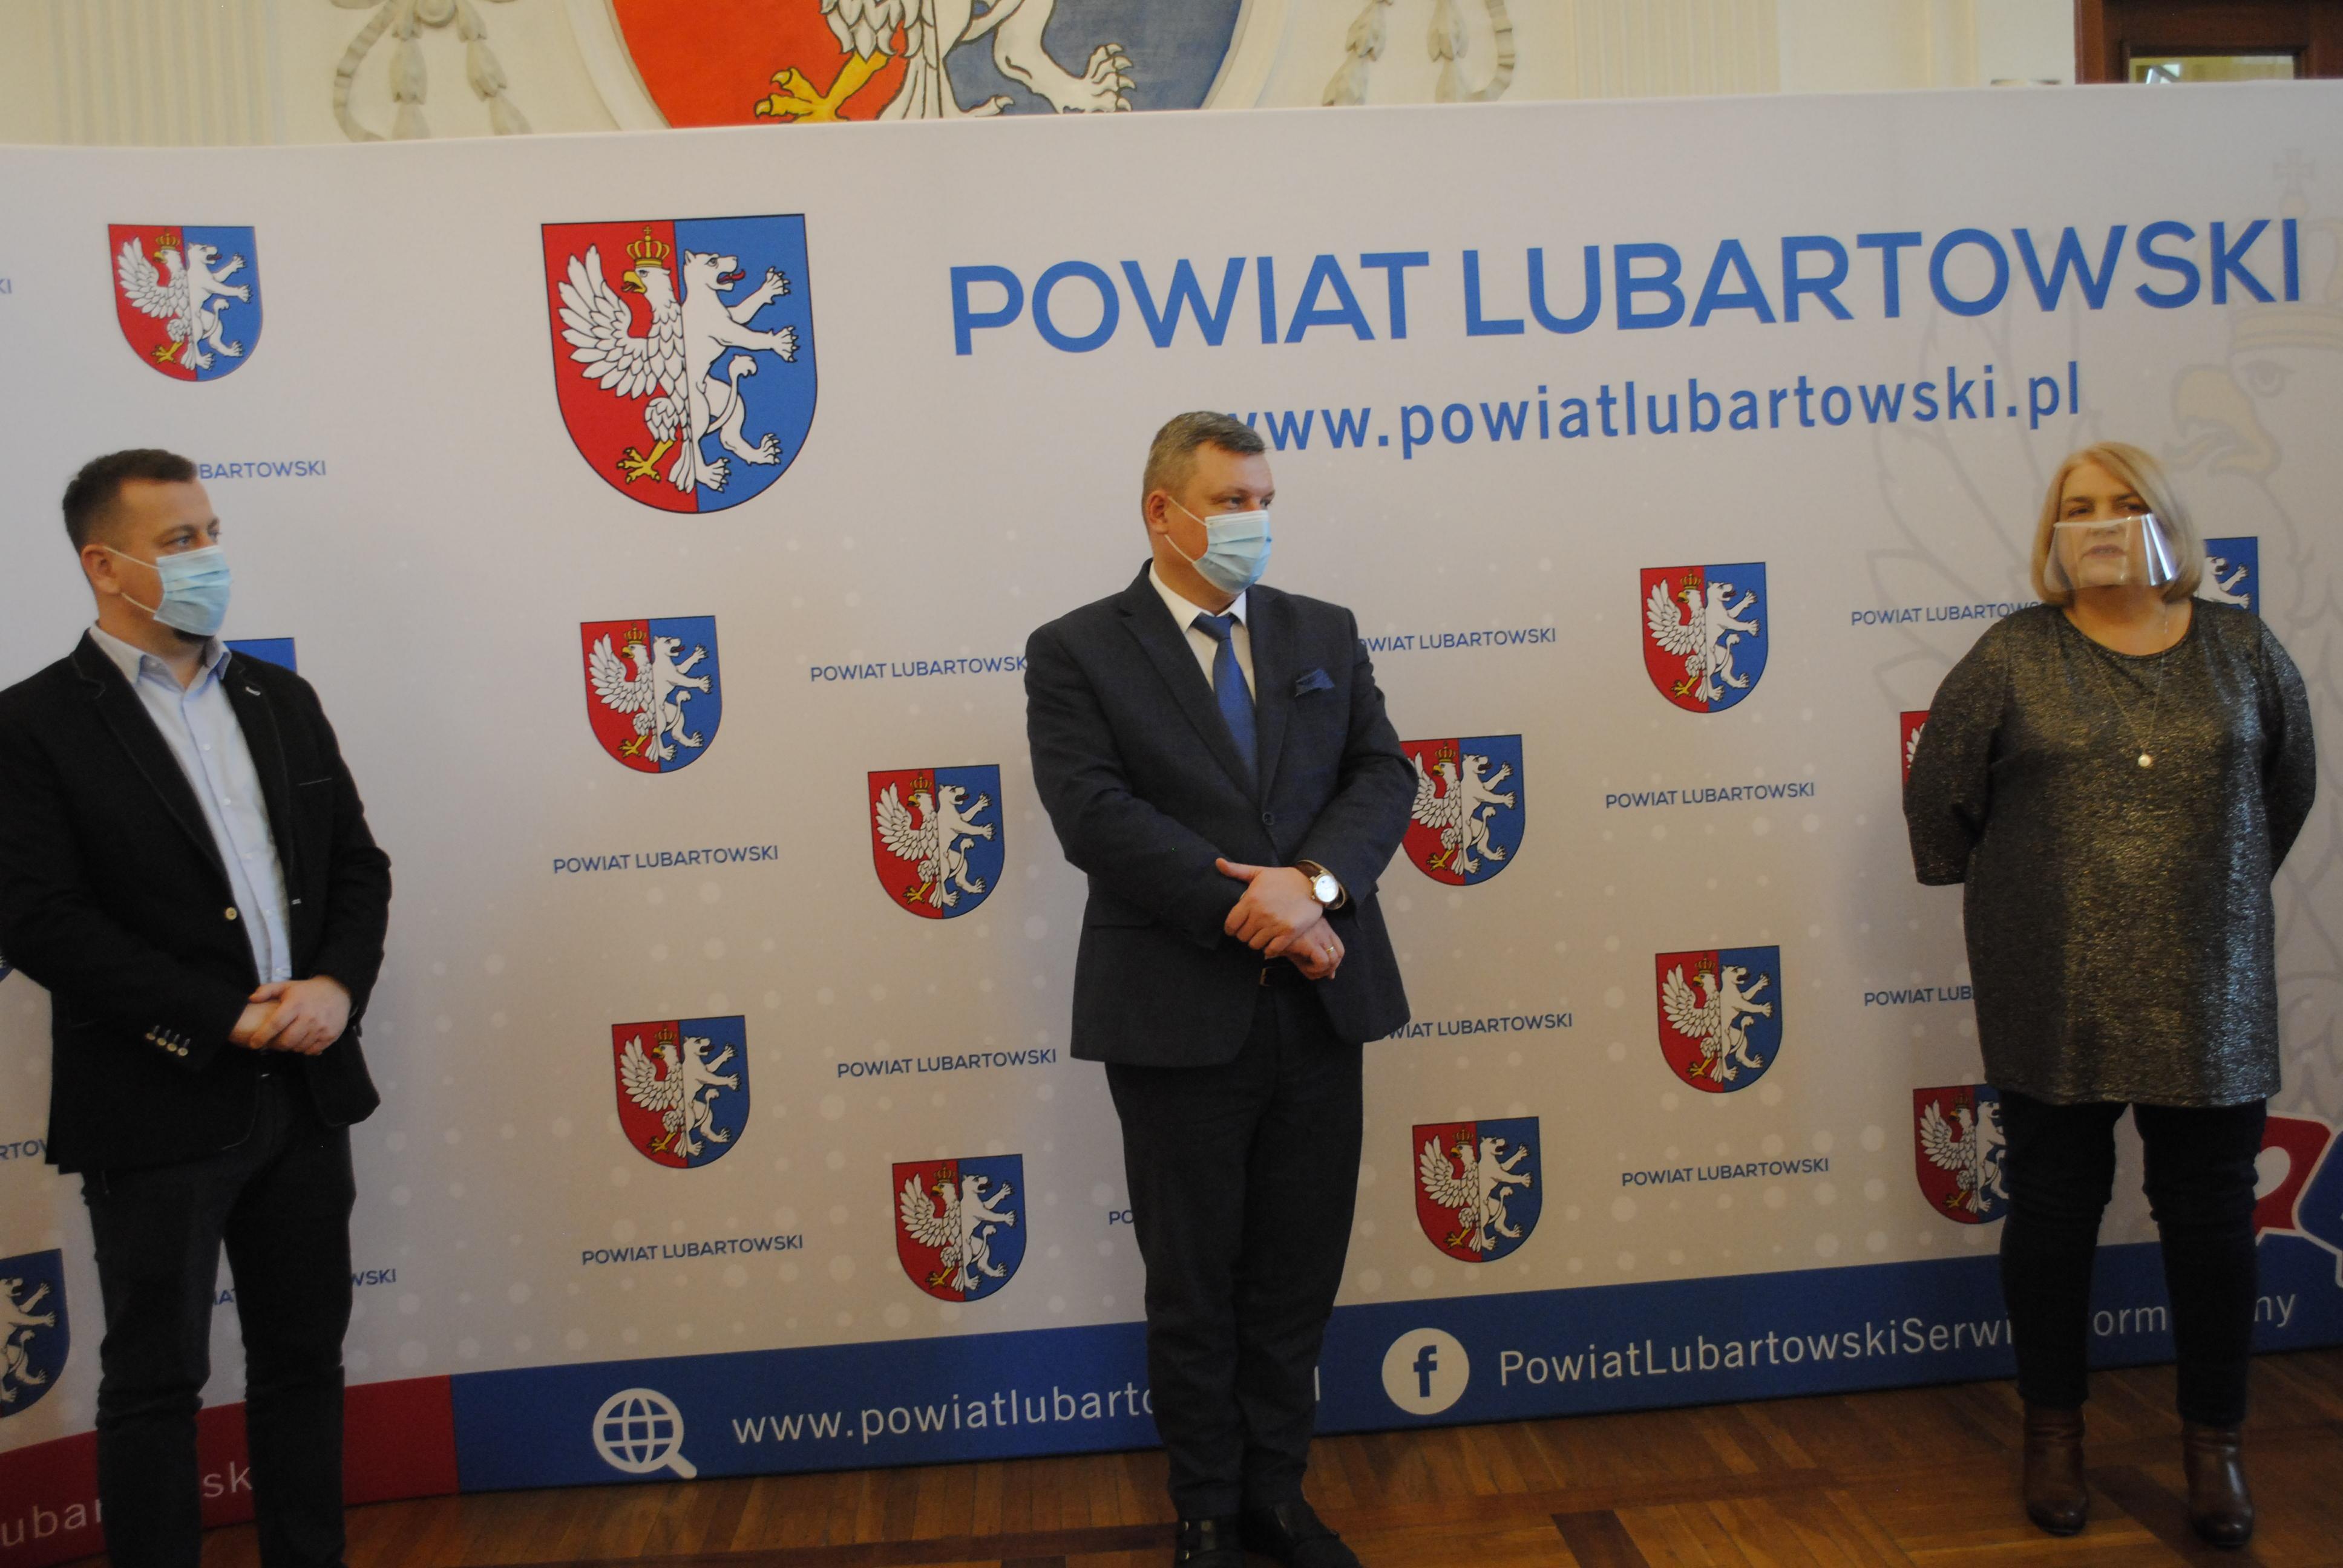 Starosta i wicewojewoda: gminy powiatu lubartowskiego gotowe do ataku zimy i szczepień na COVID - 19 - Zdjęcie główne